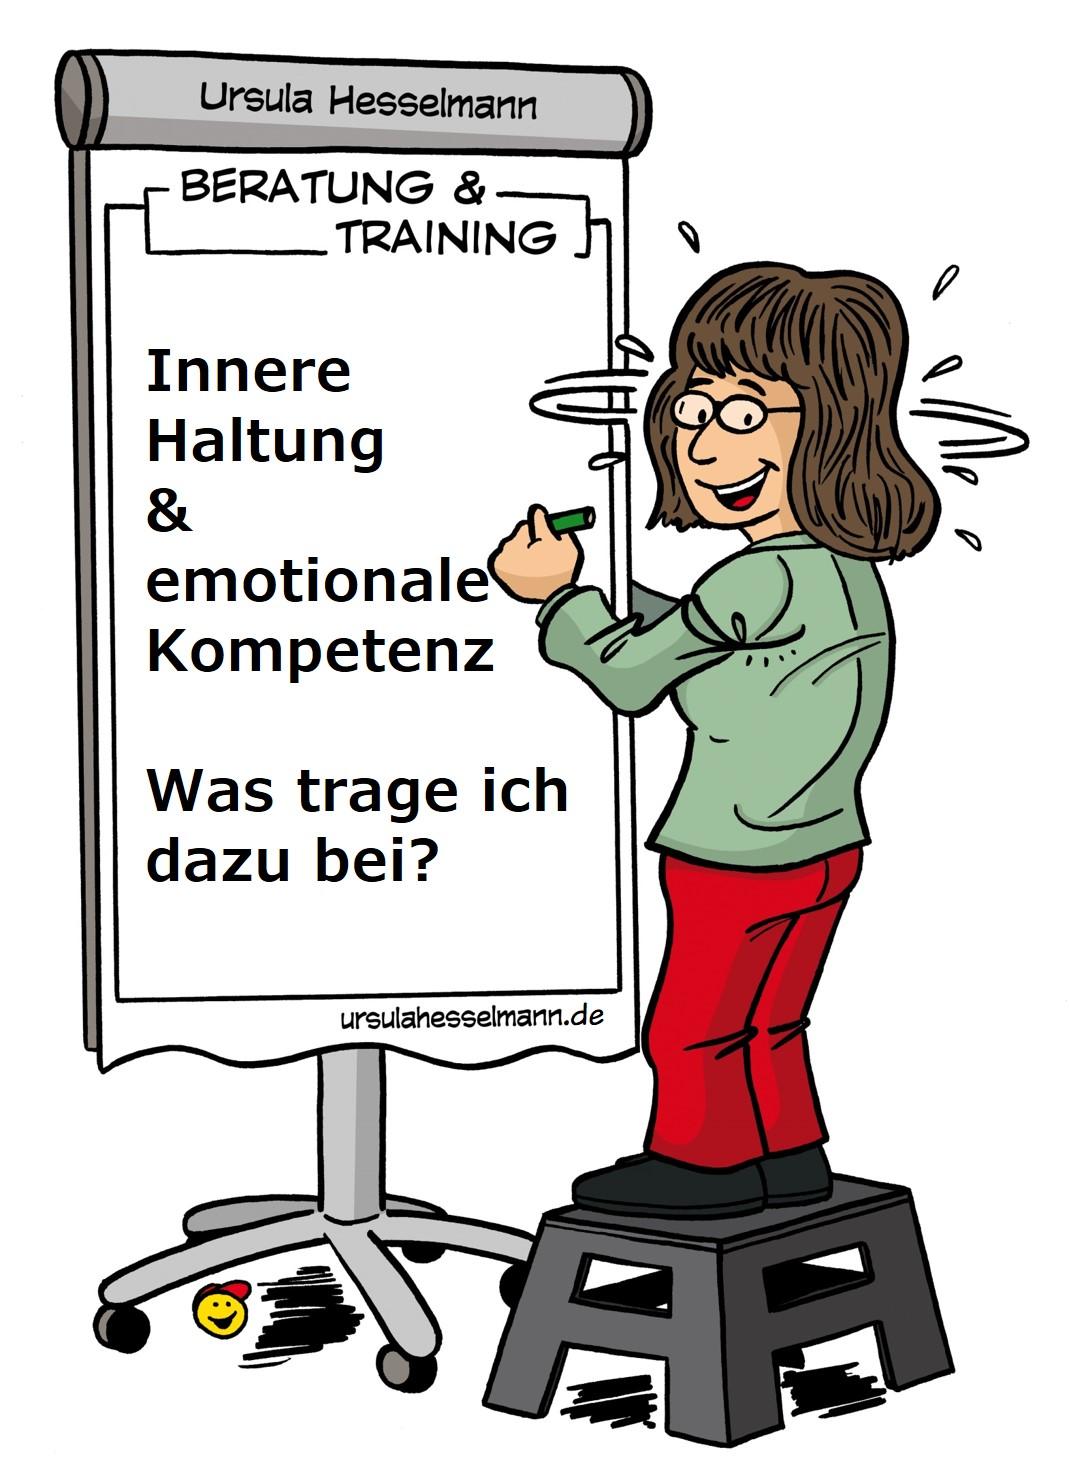 eine positive innere Haltung ist auch emotionale Kompetenz